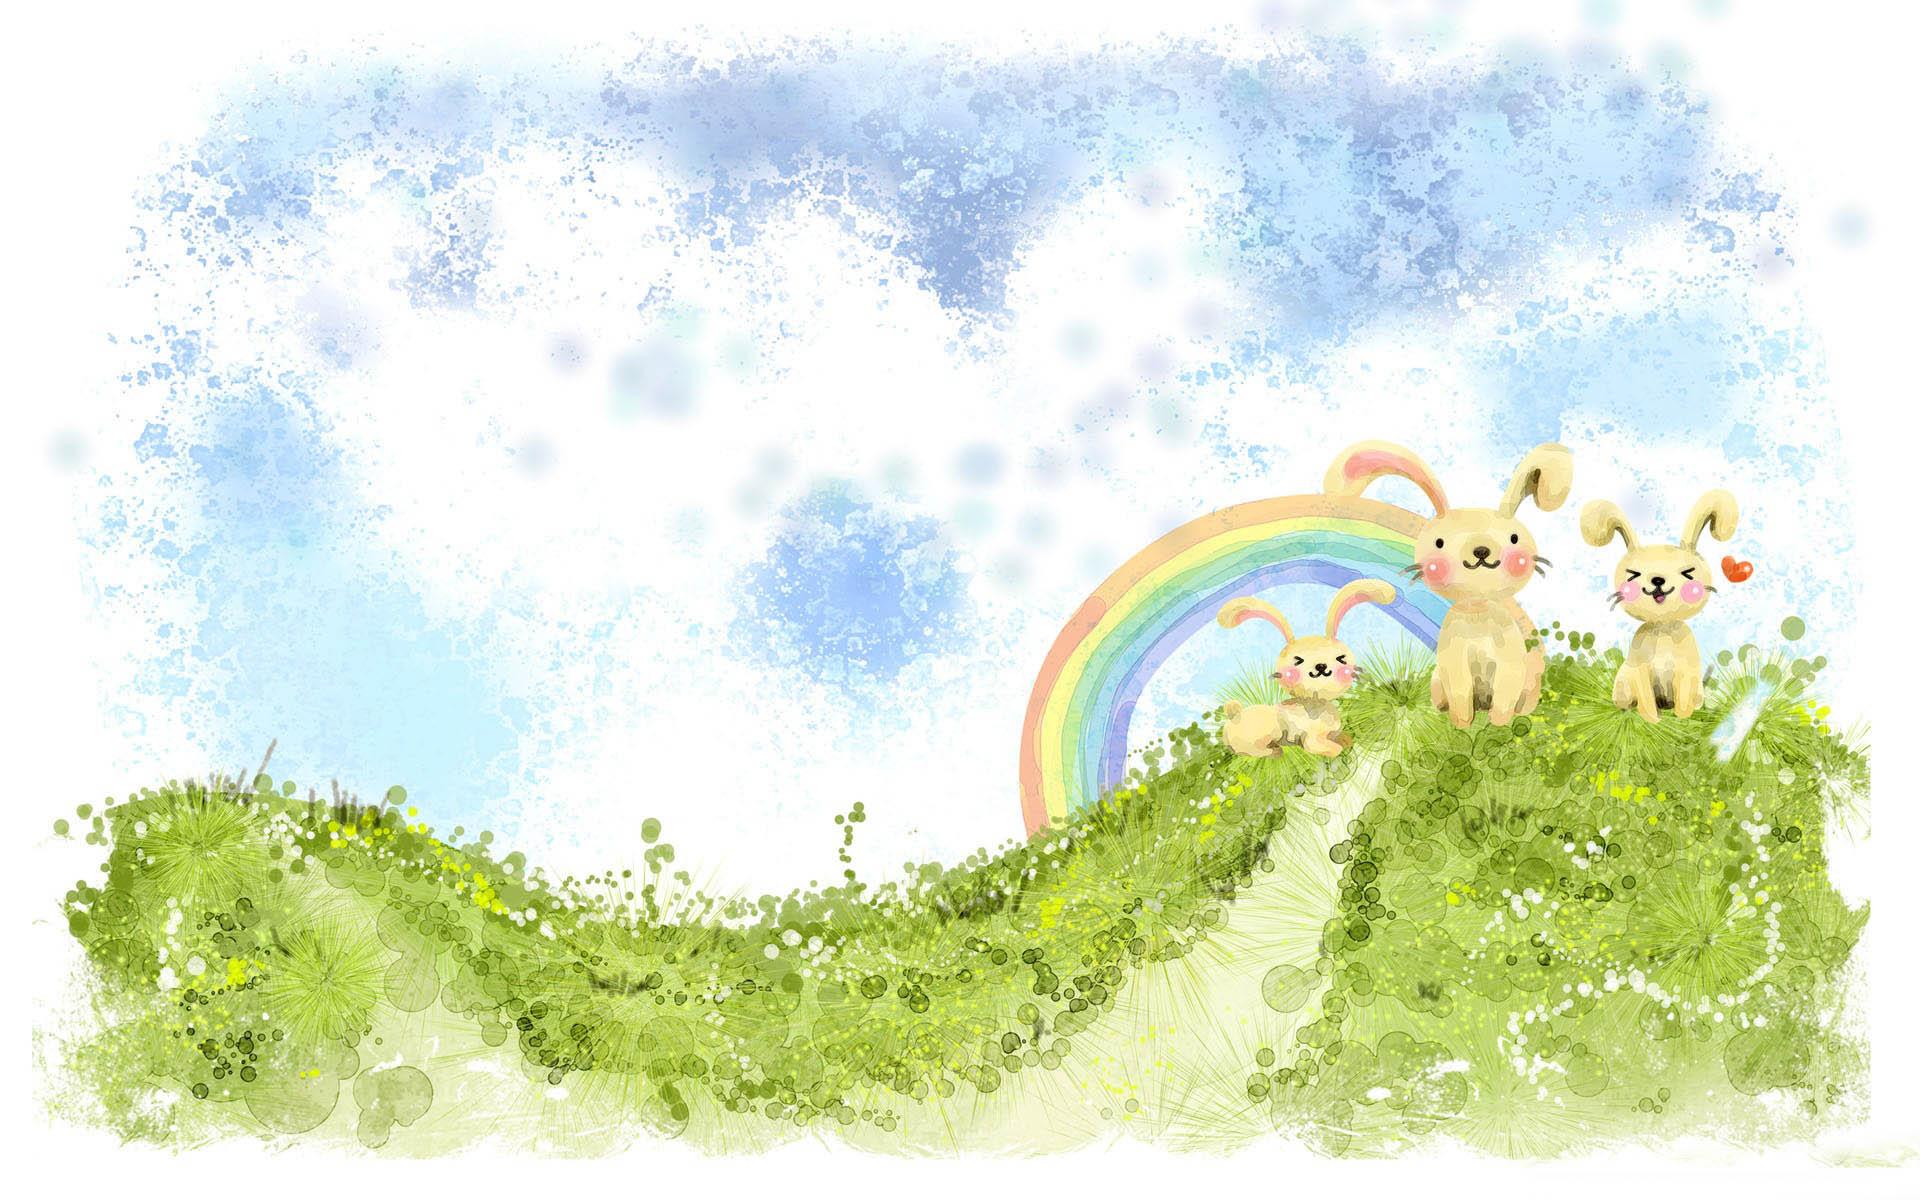 Easter Desktop Backgrounds   Wallpaper High Definition High 1920x1200